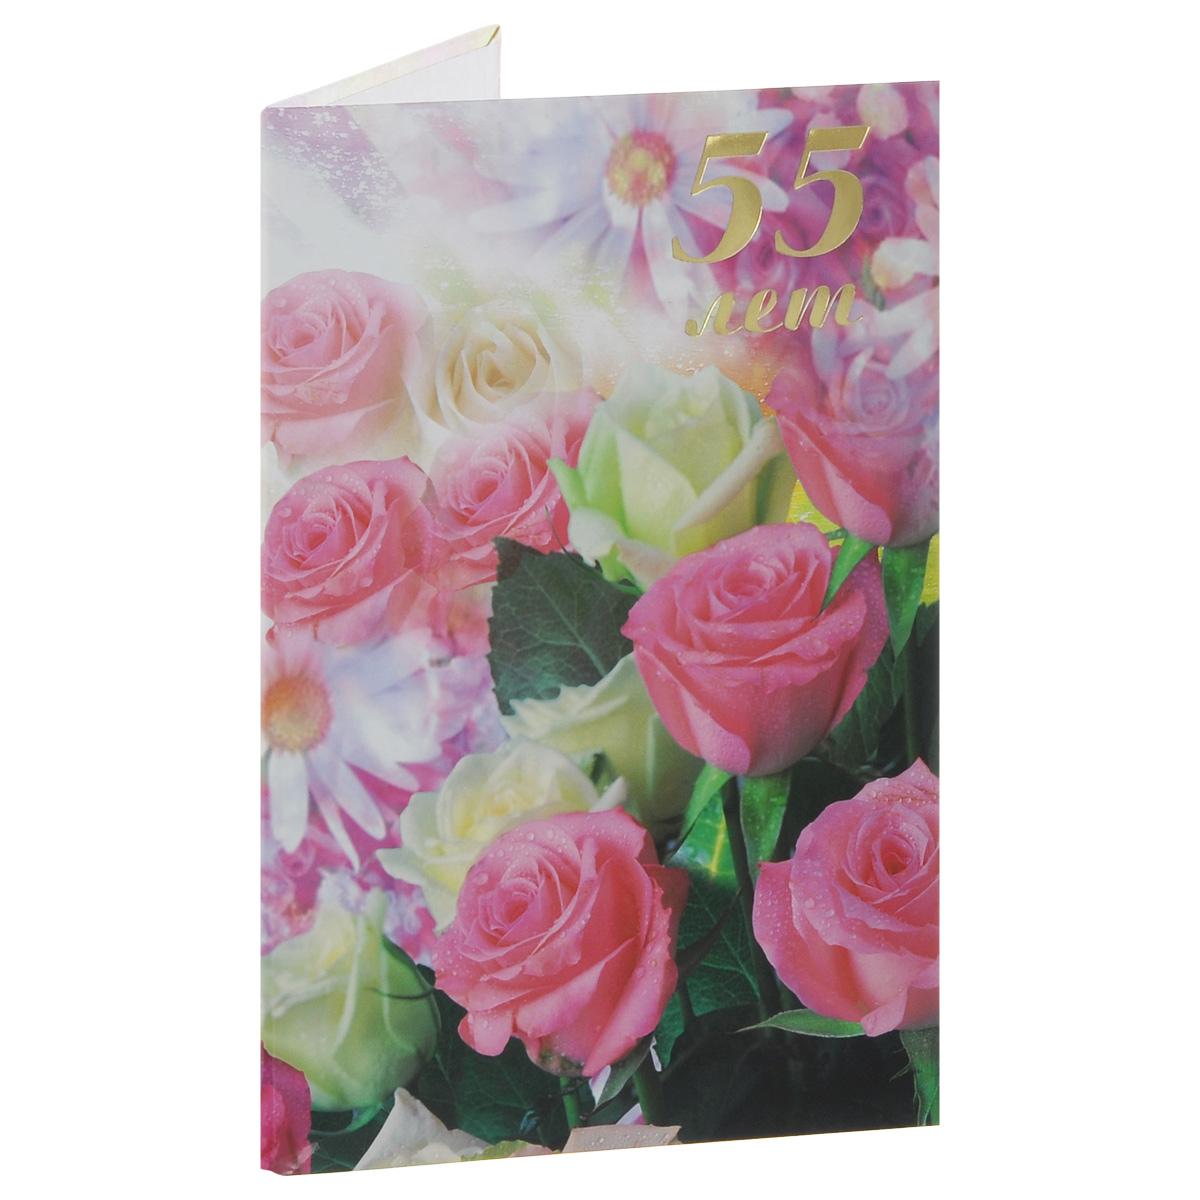 Папка адресная 55 лет. Розы, формат А4FS-36054Адресная папка 55 лет. Розы станет прекрасным дополнением к подарку на юбилей. Папка выполнена из плотного ламинированного картона с поролоновой подложкой. На красочной обложке расположена надпись 55 лет,нанесенная методом тиснения импортной фольгой. Внутренние форзацы выполнены из плотной бумаги белого цвета. Для закрепления вкладыша предусмотрена лента-фиксатор.